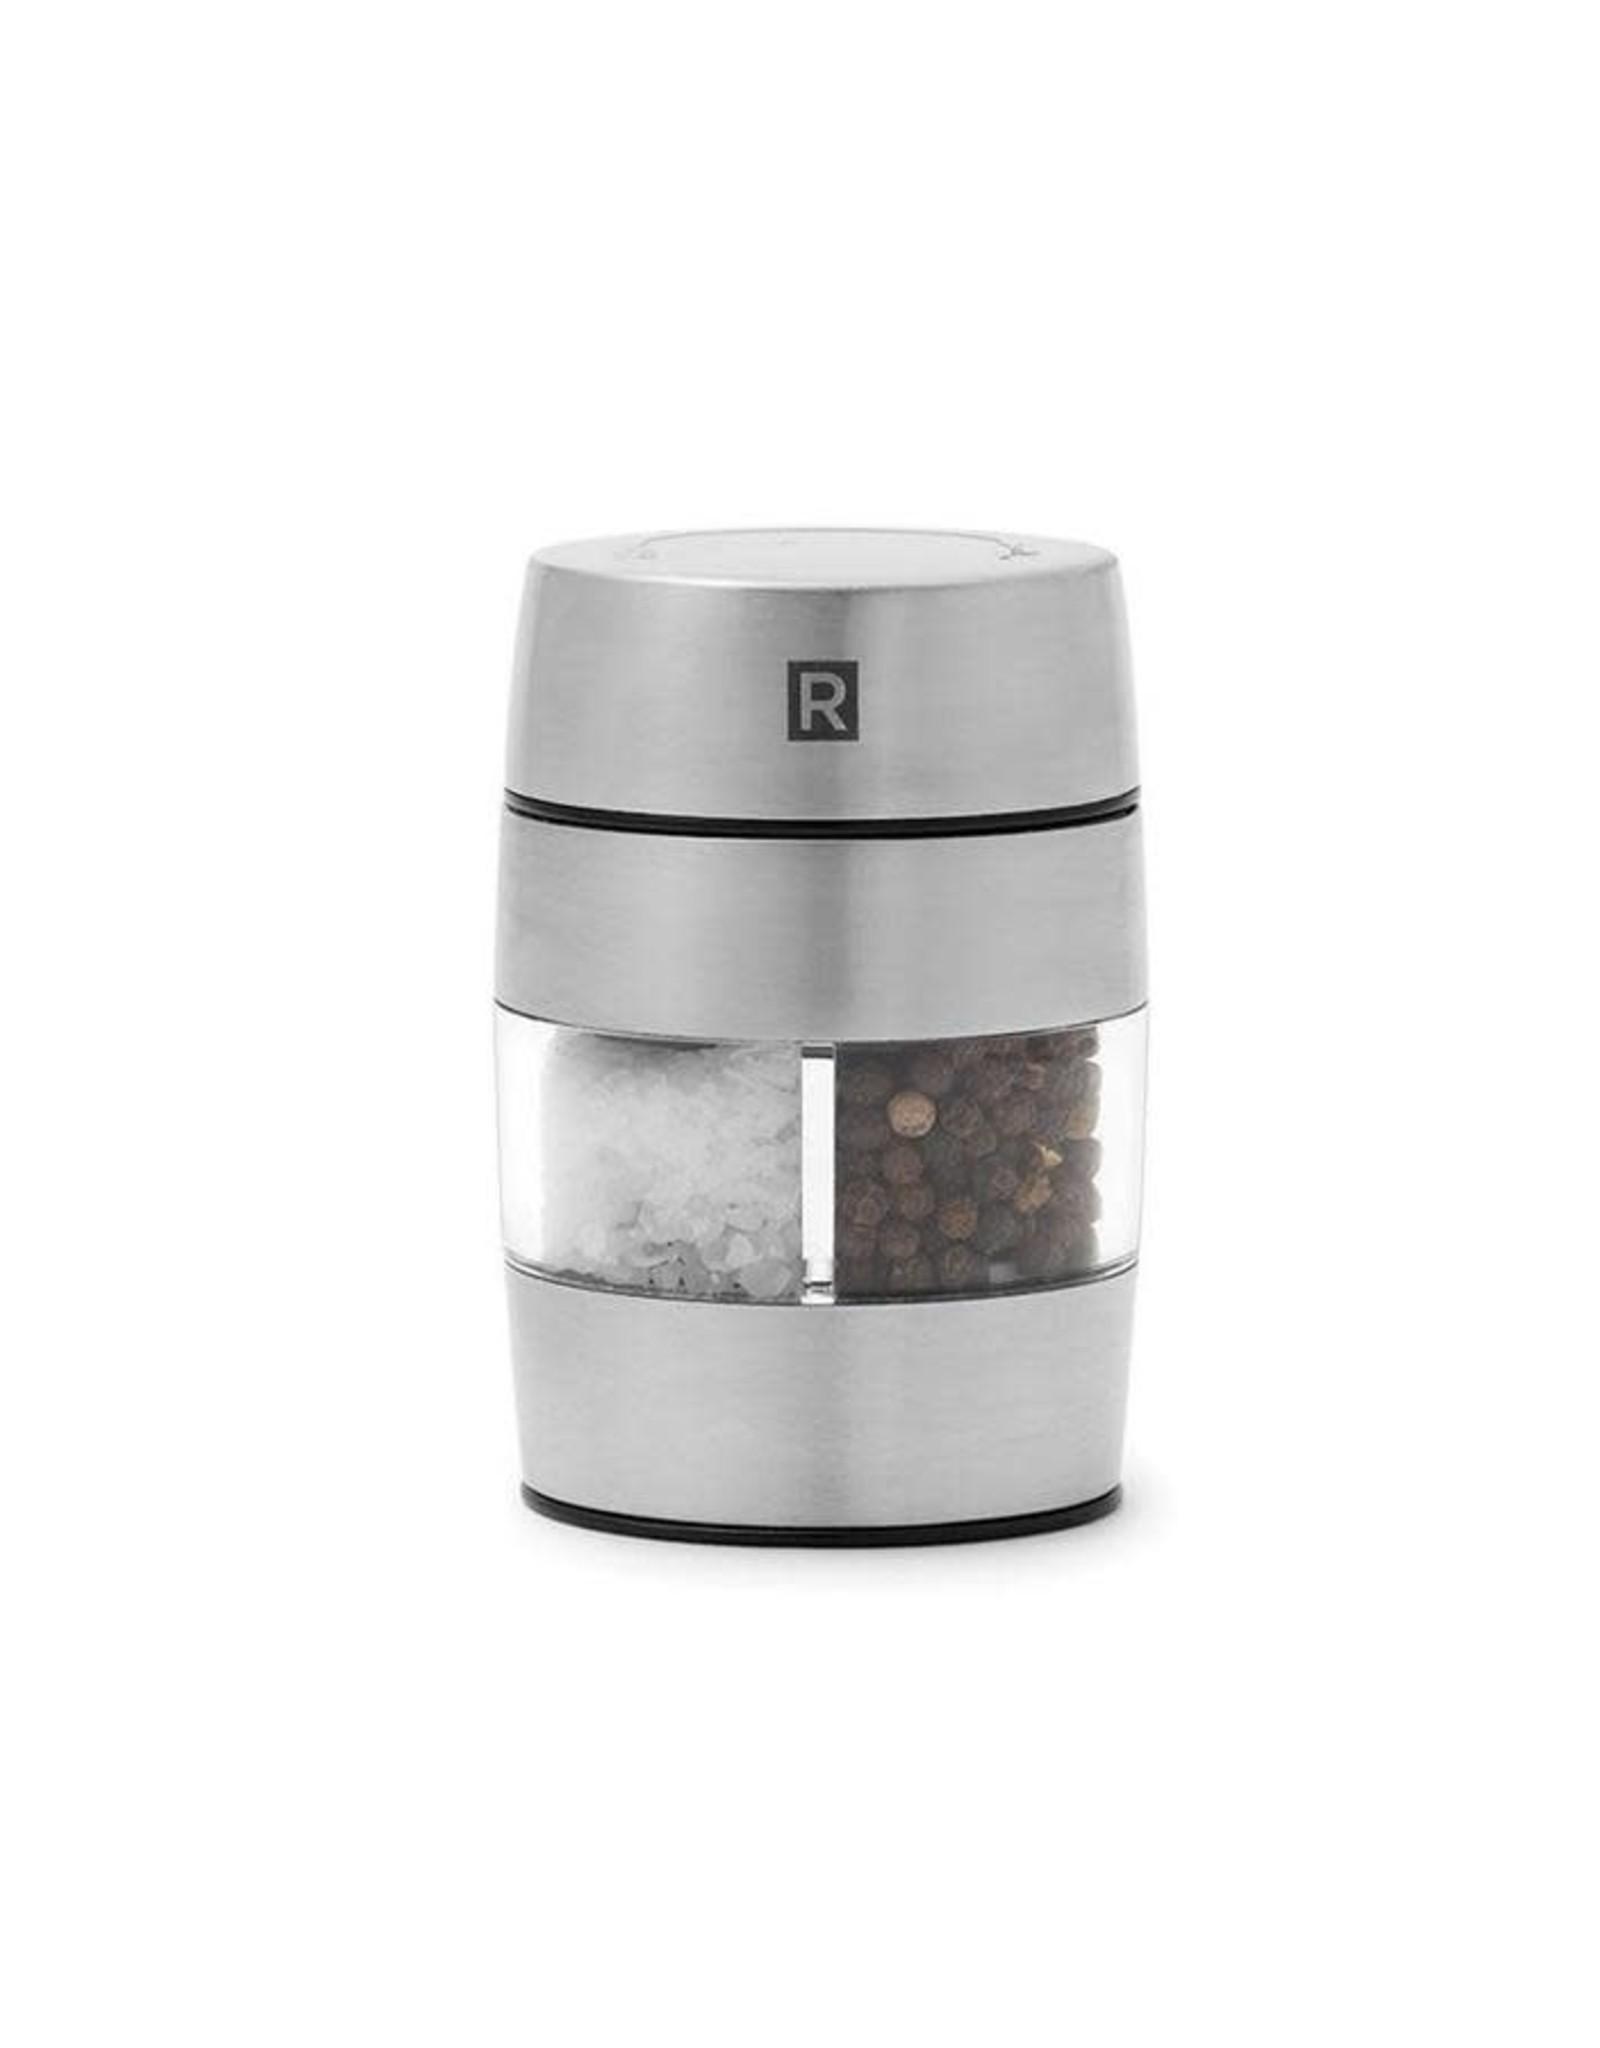 Ricardo Moulin à sel et à poivre 2 en 1       9,5 cm x 6,5 cm * duo